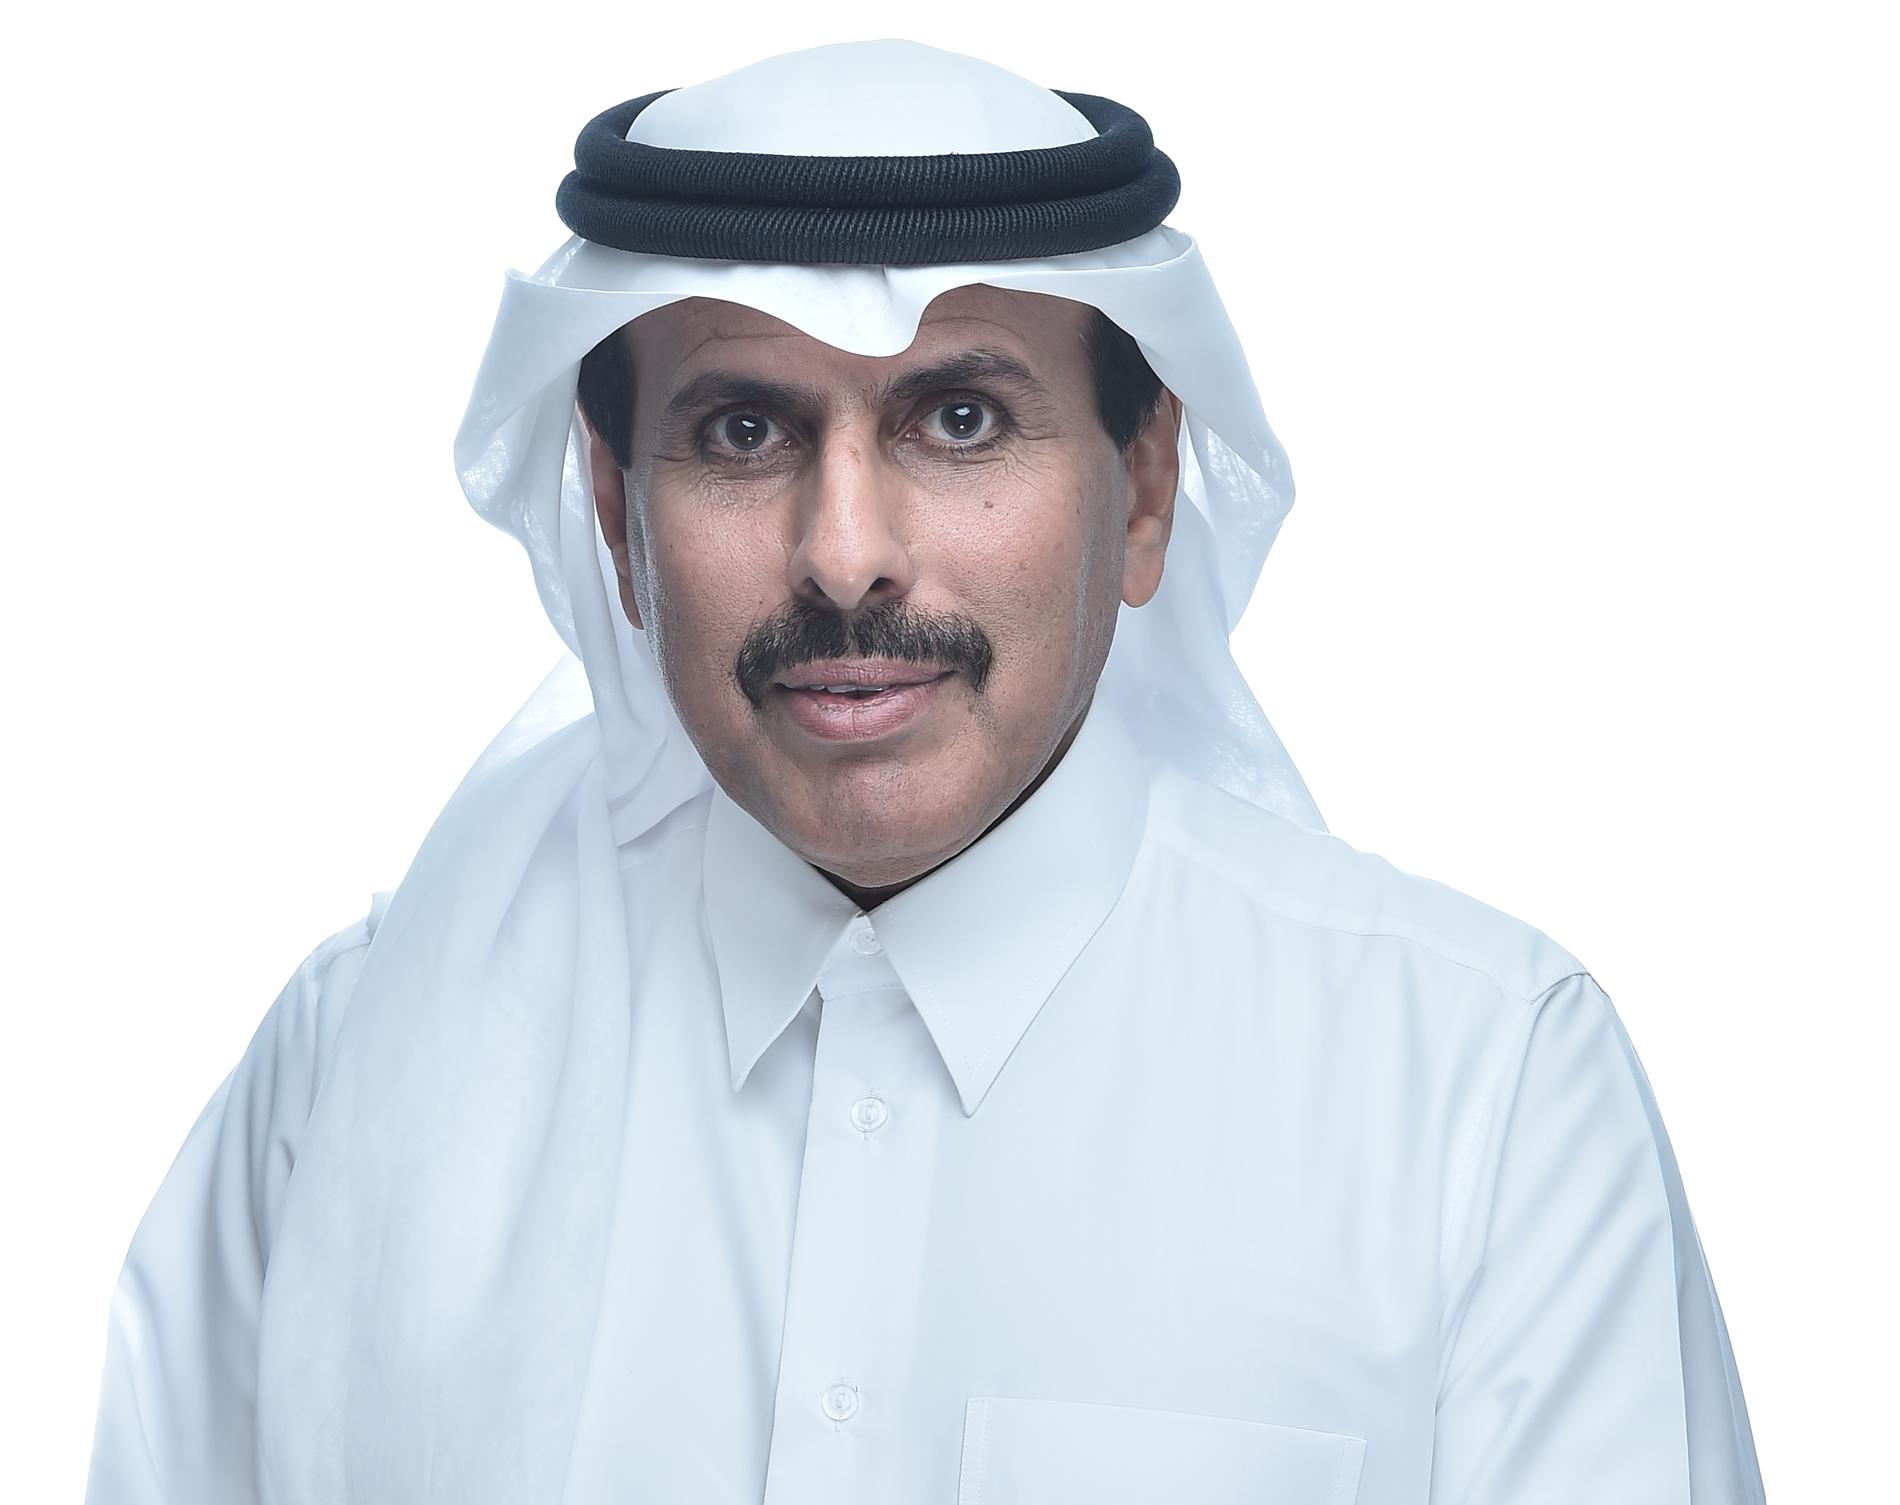 H.E. Sheikh Abdulla Bin Saoud Al-Thani